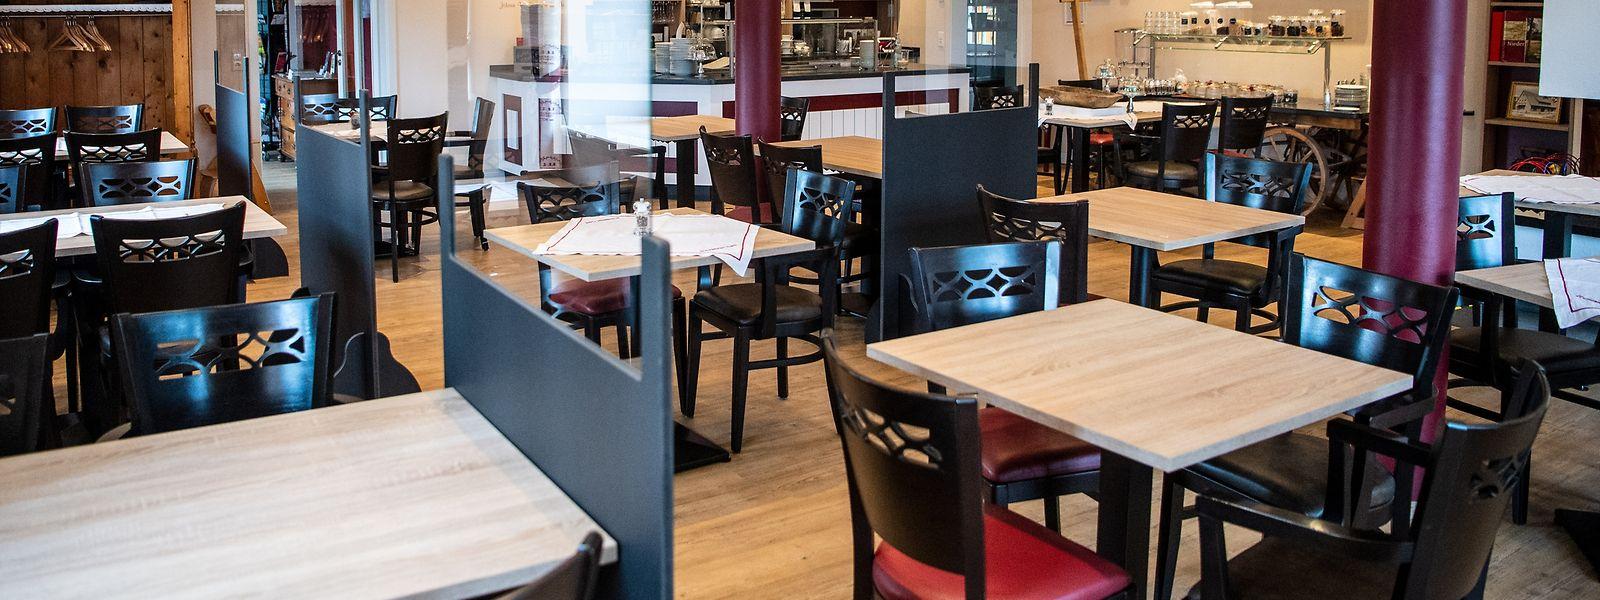 Die CCDH stellt sich Fragen zu den vorgeschriebenen Schnelltests für den Innenbereich der Gastronomie.